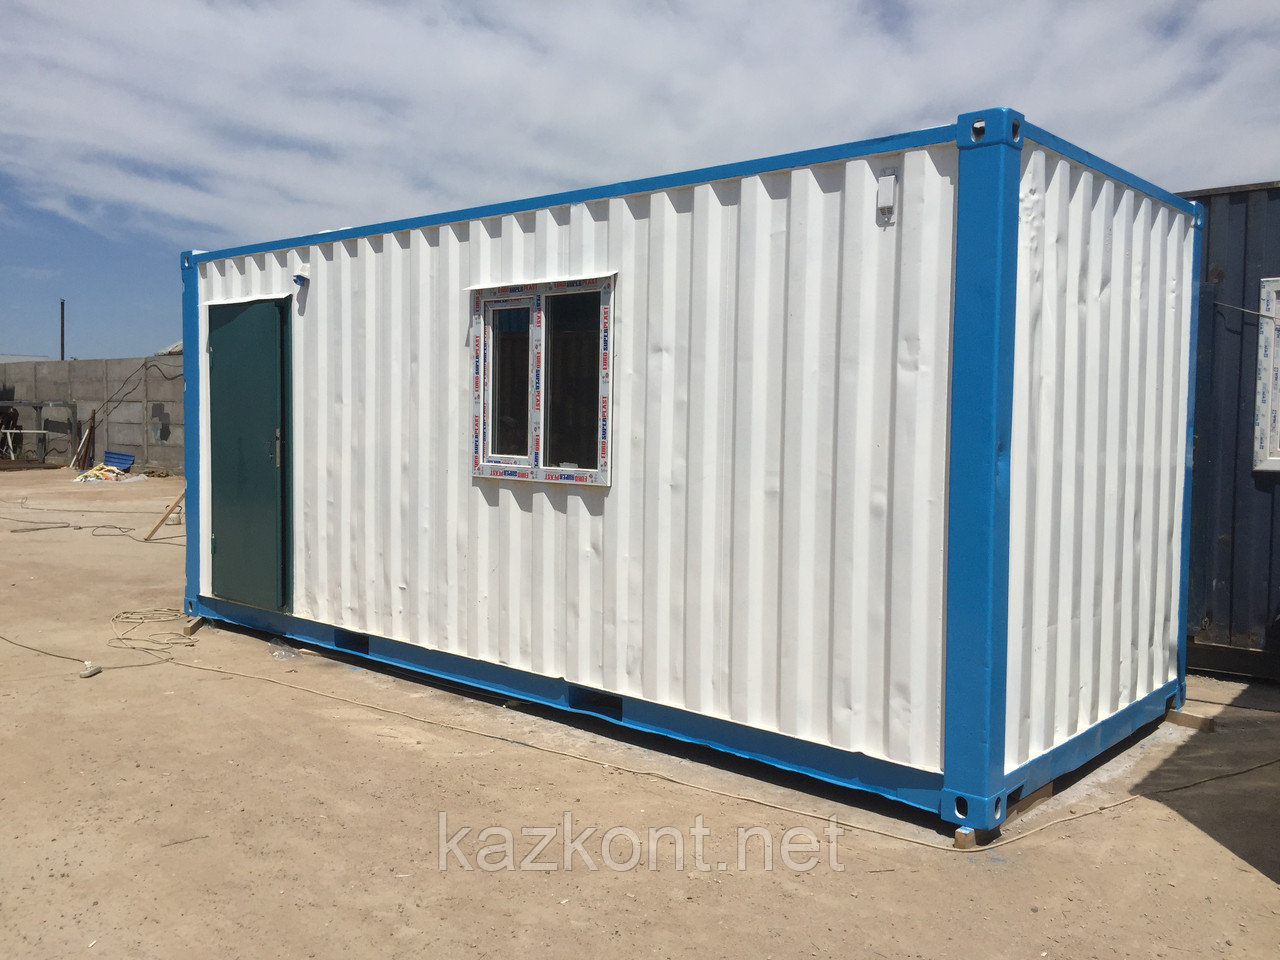 Продам жилой Контейнер в Алматинской области Алматы!